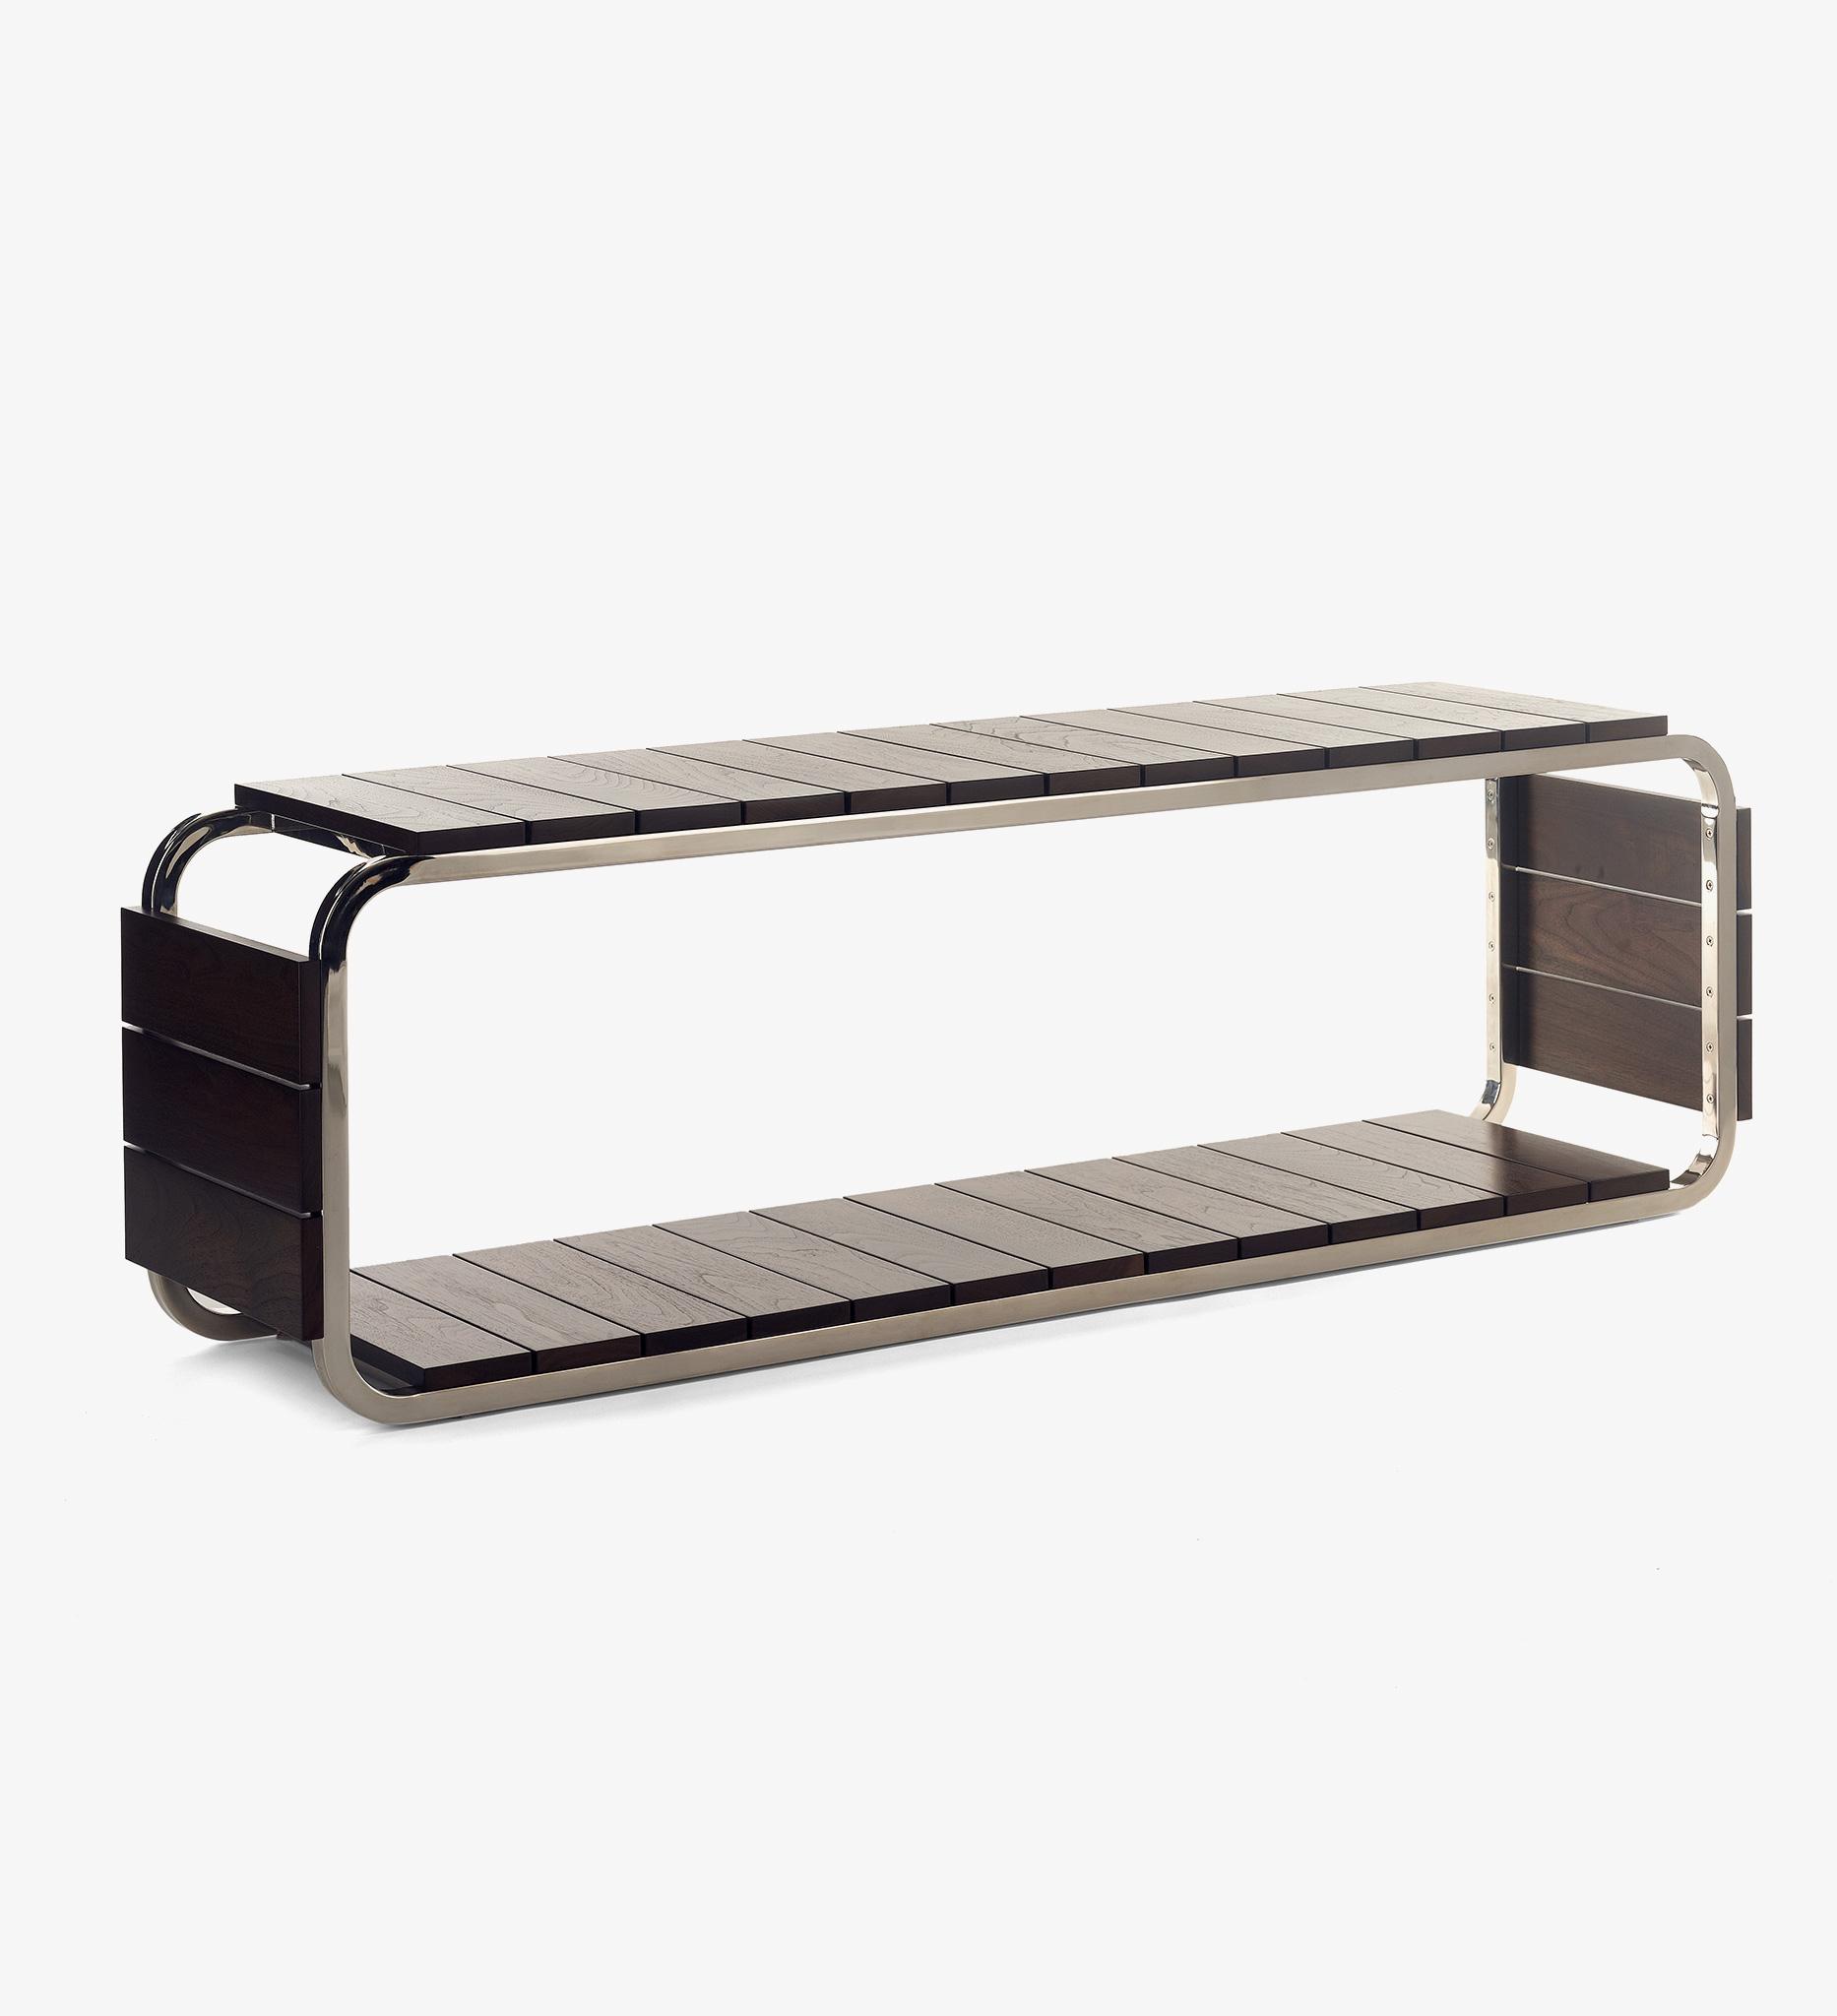 bench, table, Walnut, Sorrel, Steel, Polished Nickel, nickel, wood